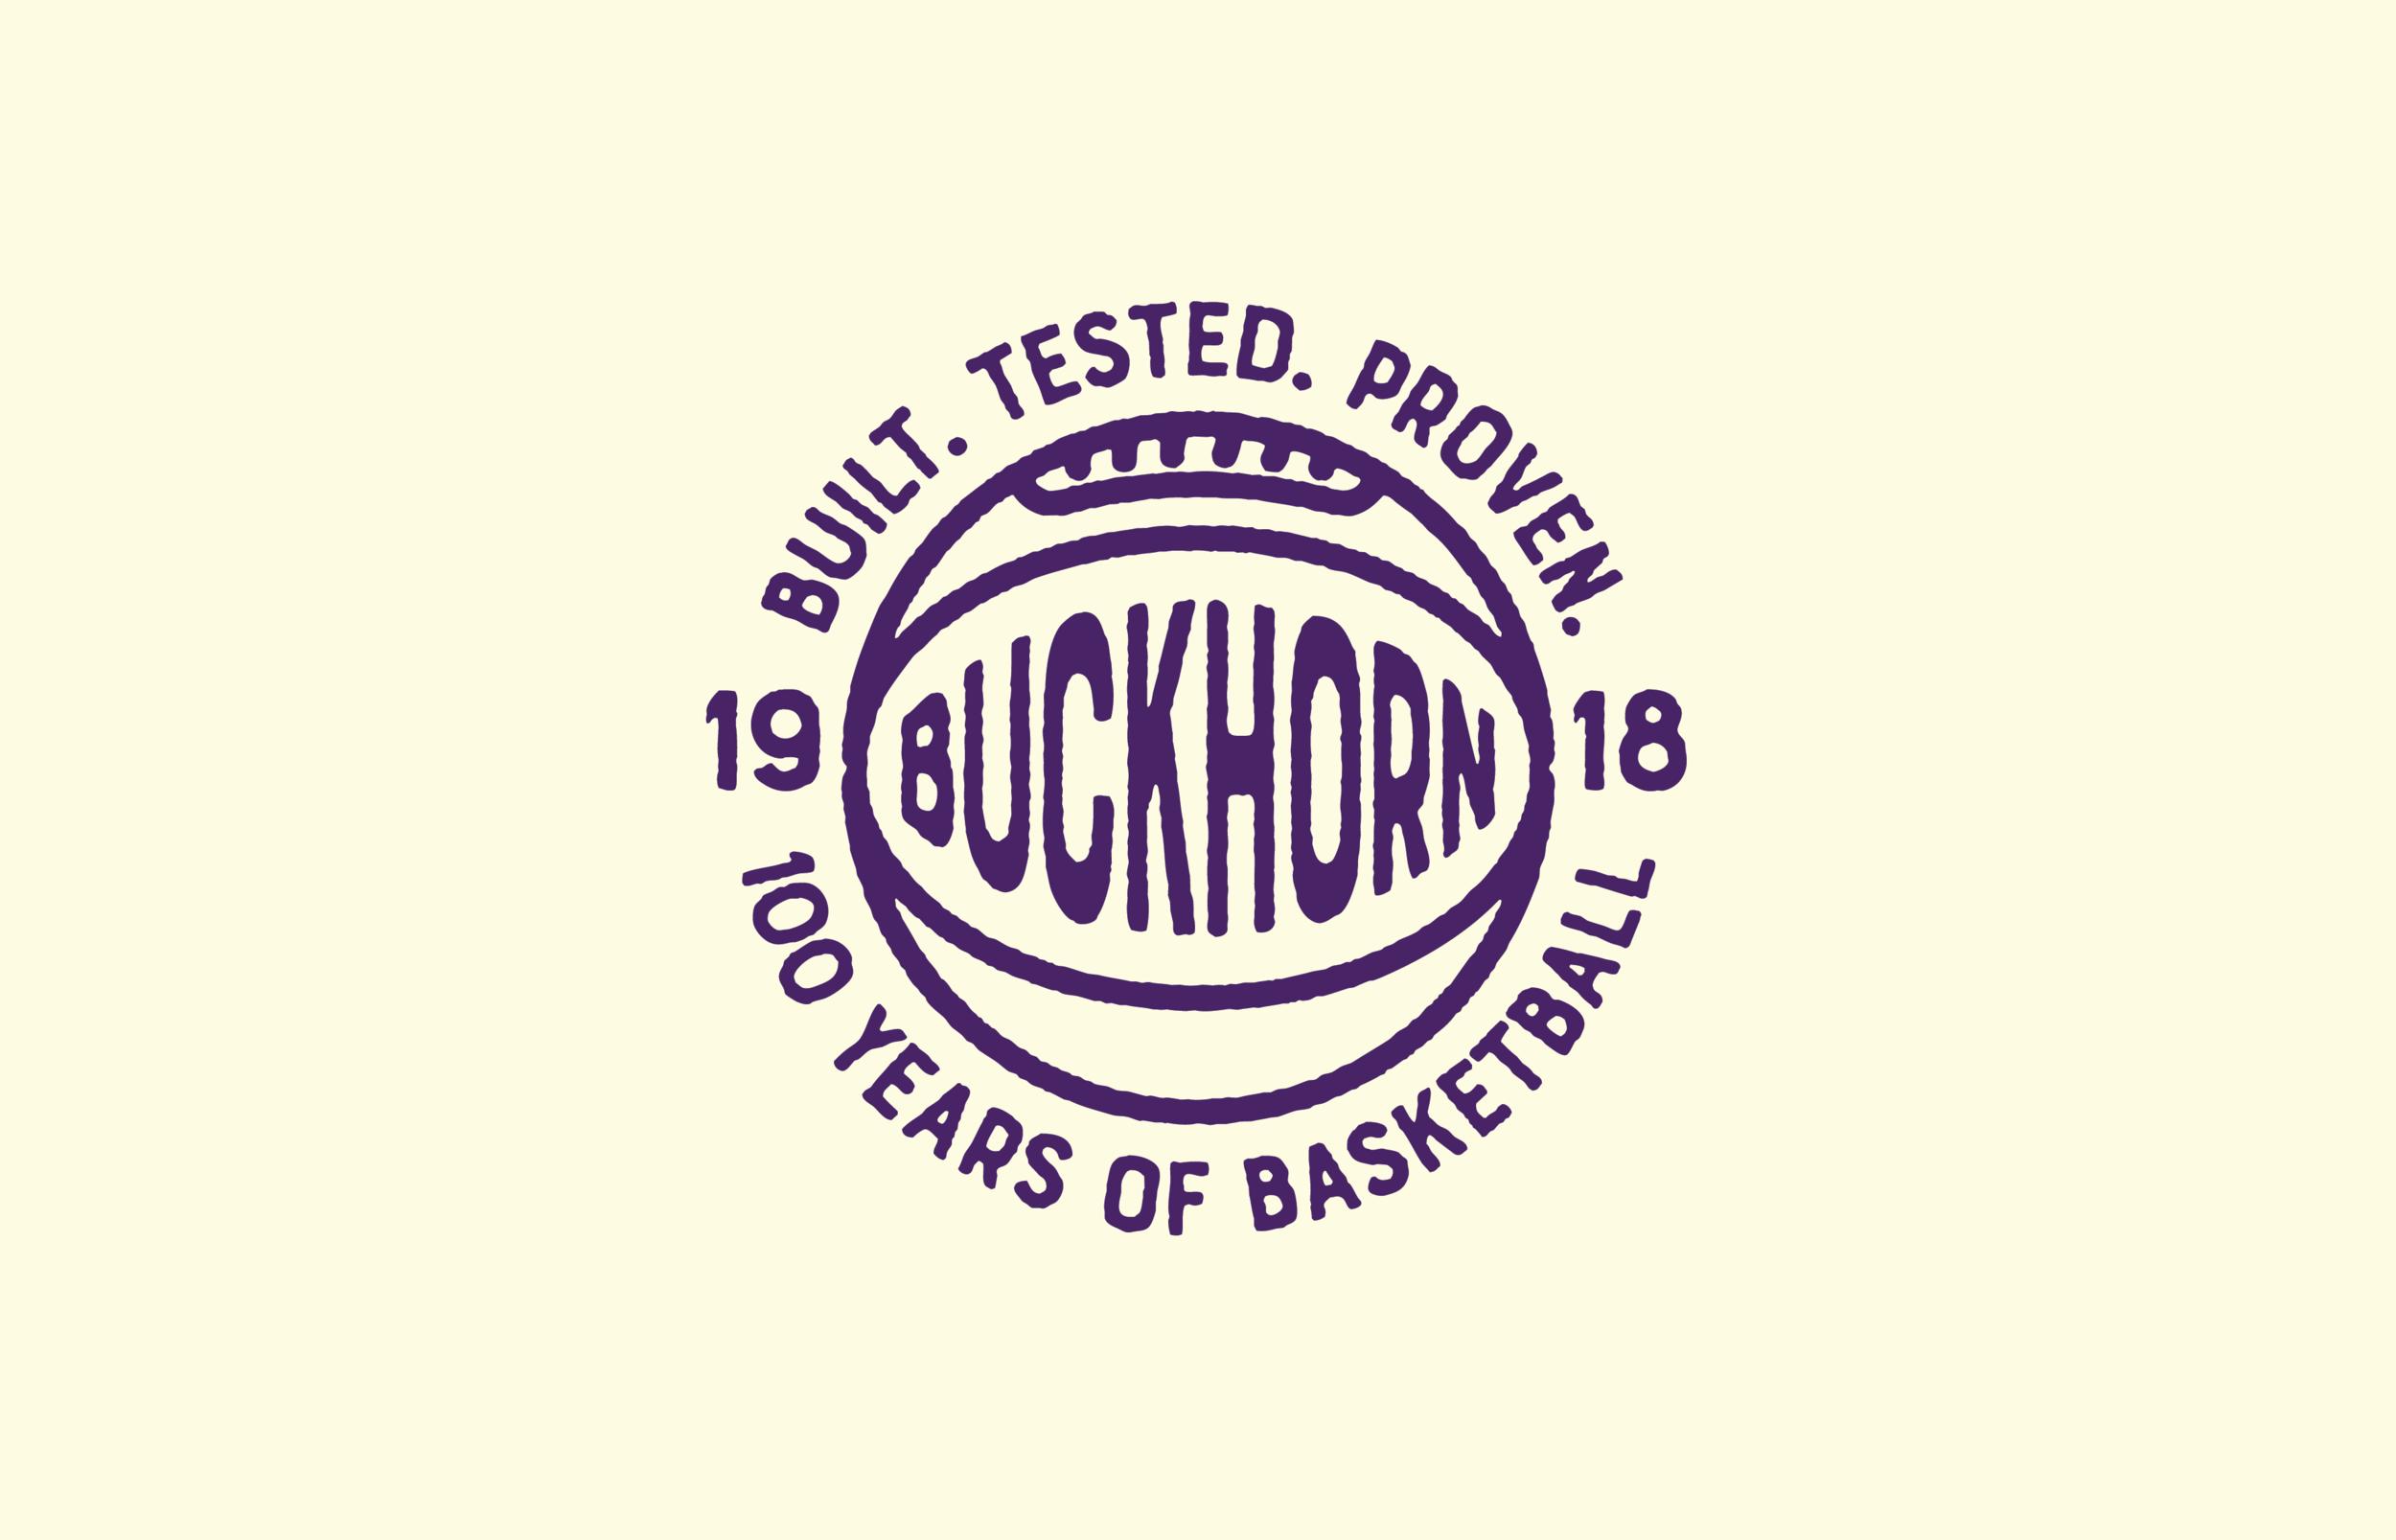 buckhornbasketballcentennial001.png